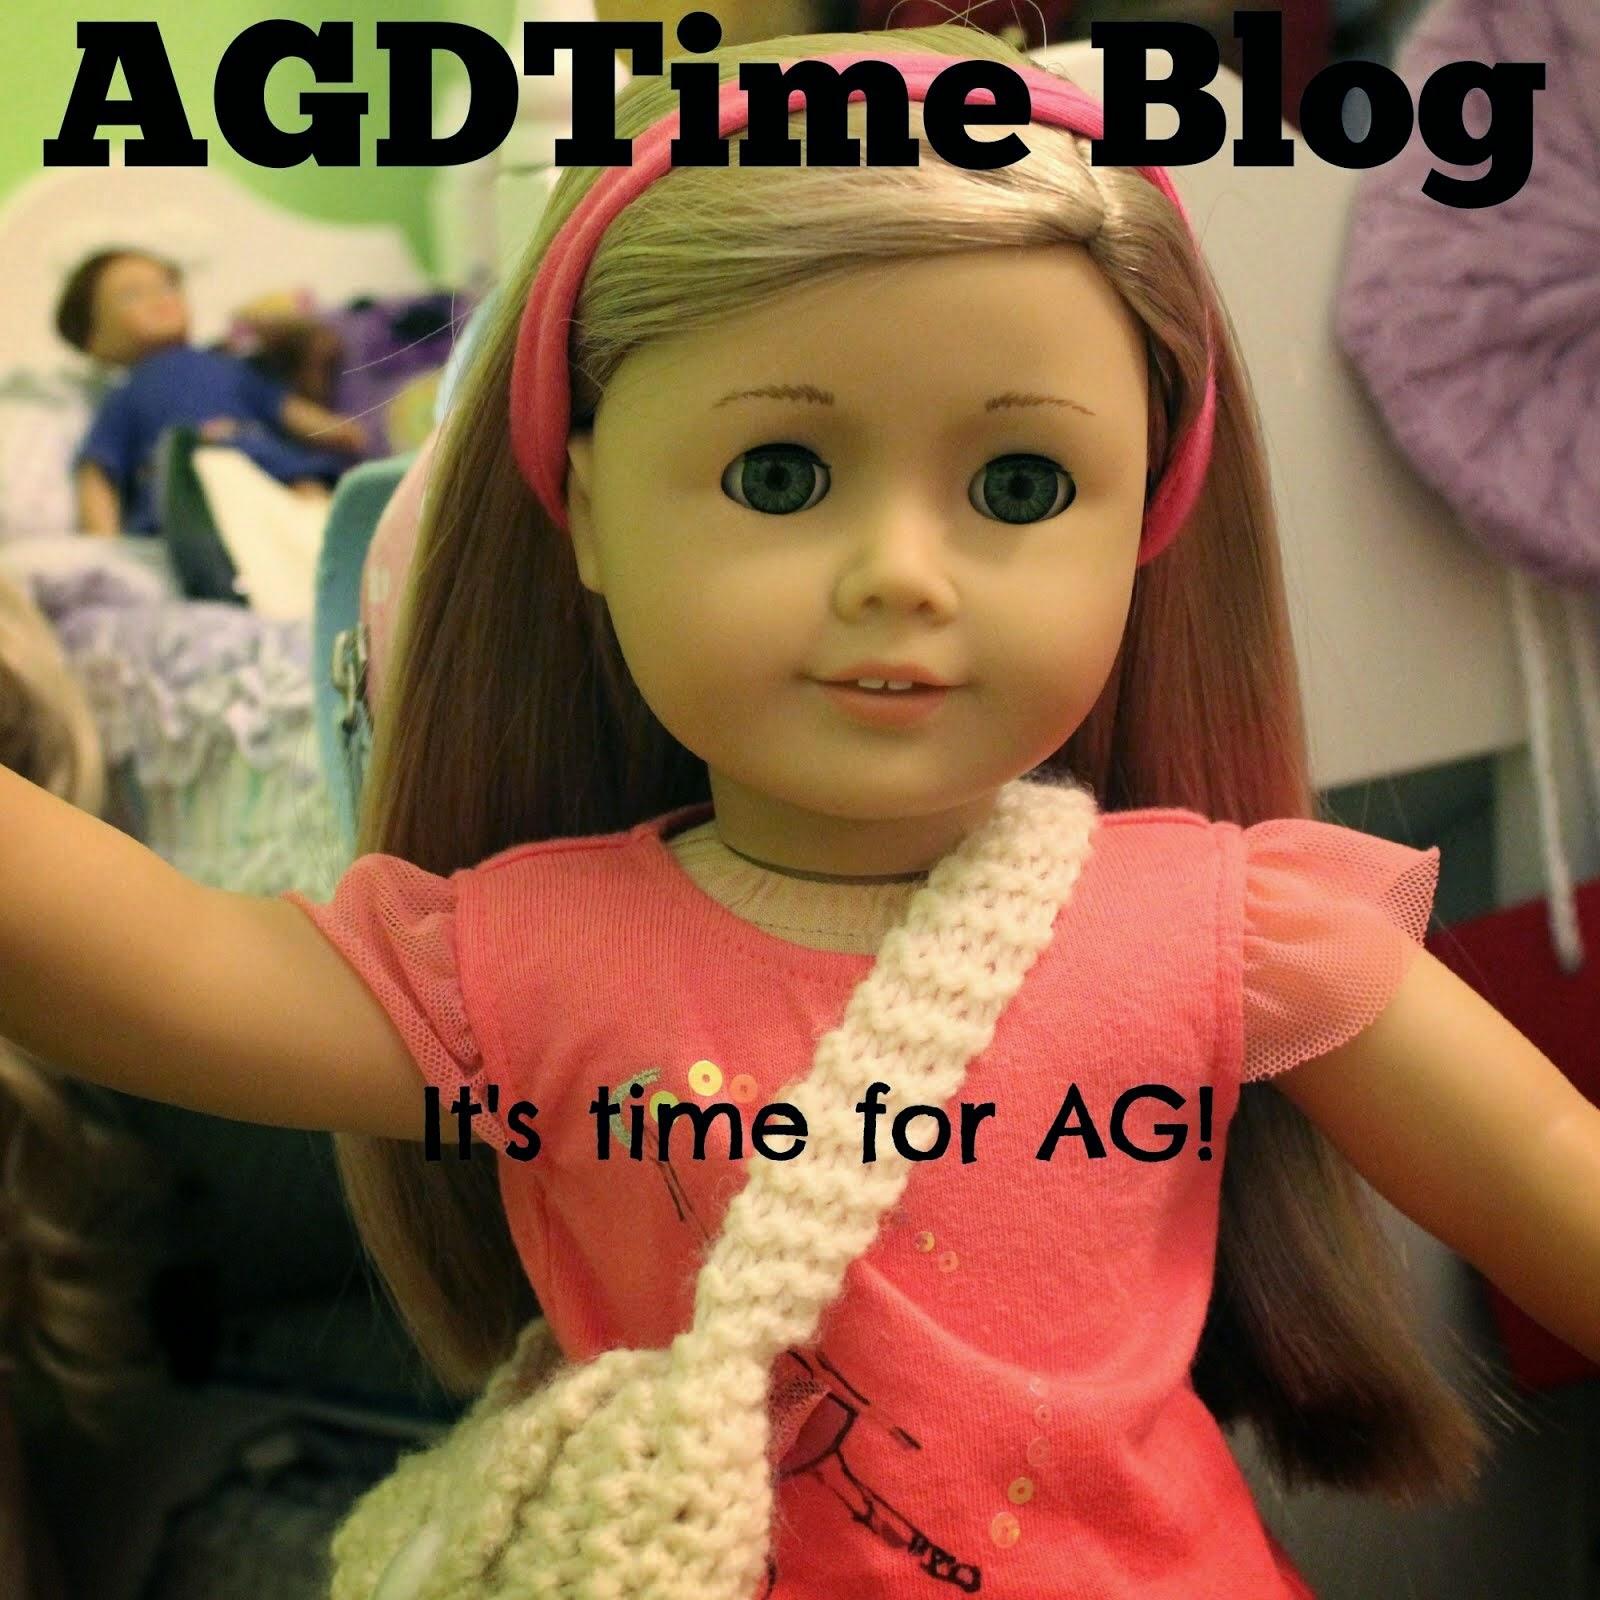 AGDTime!!!